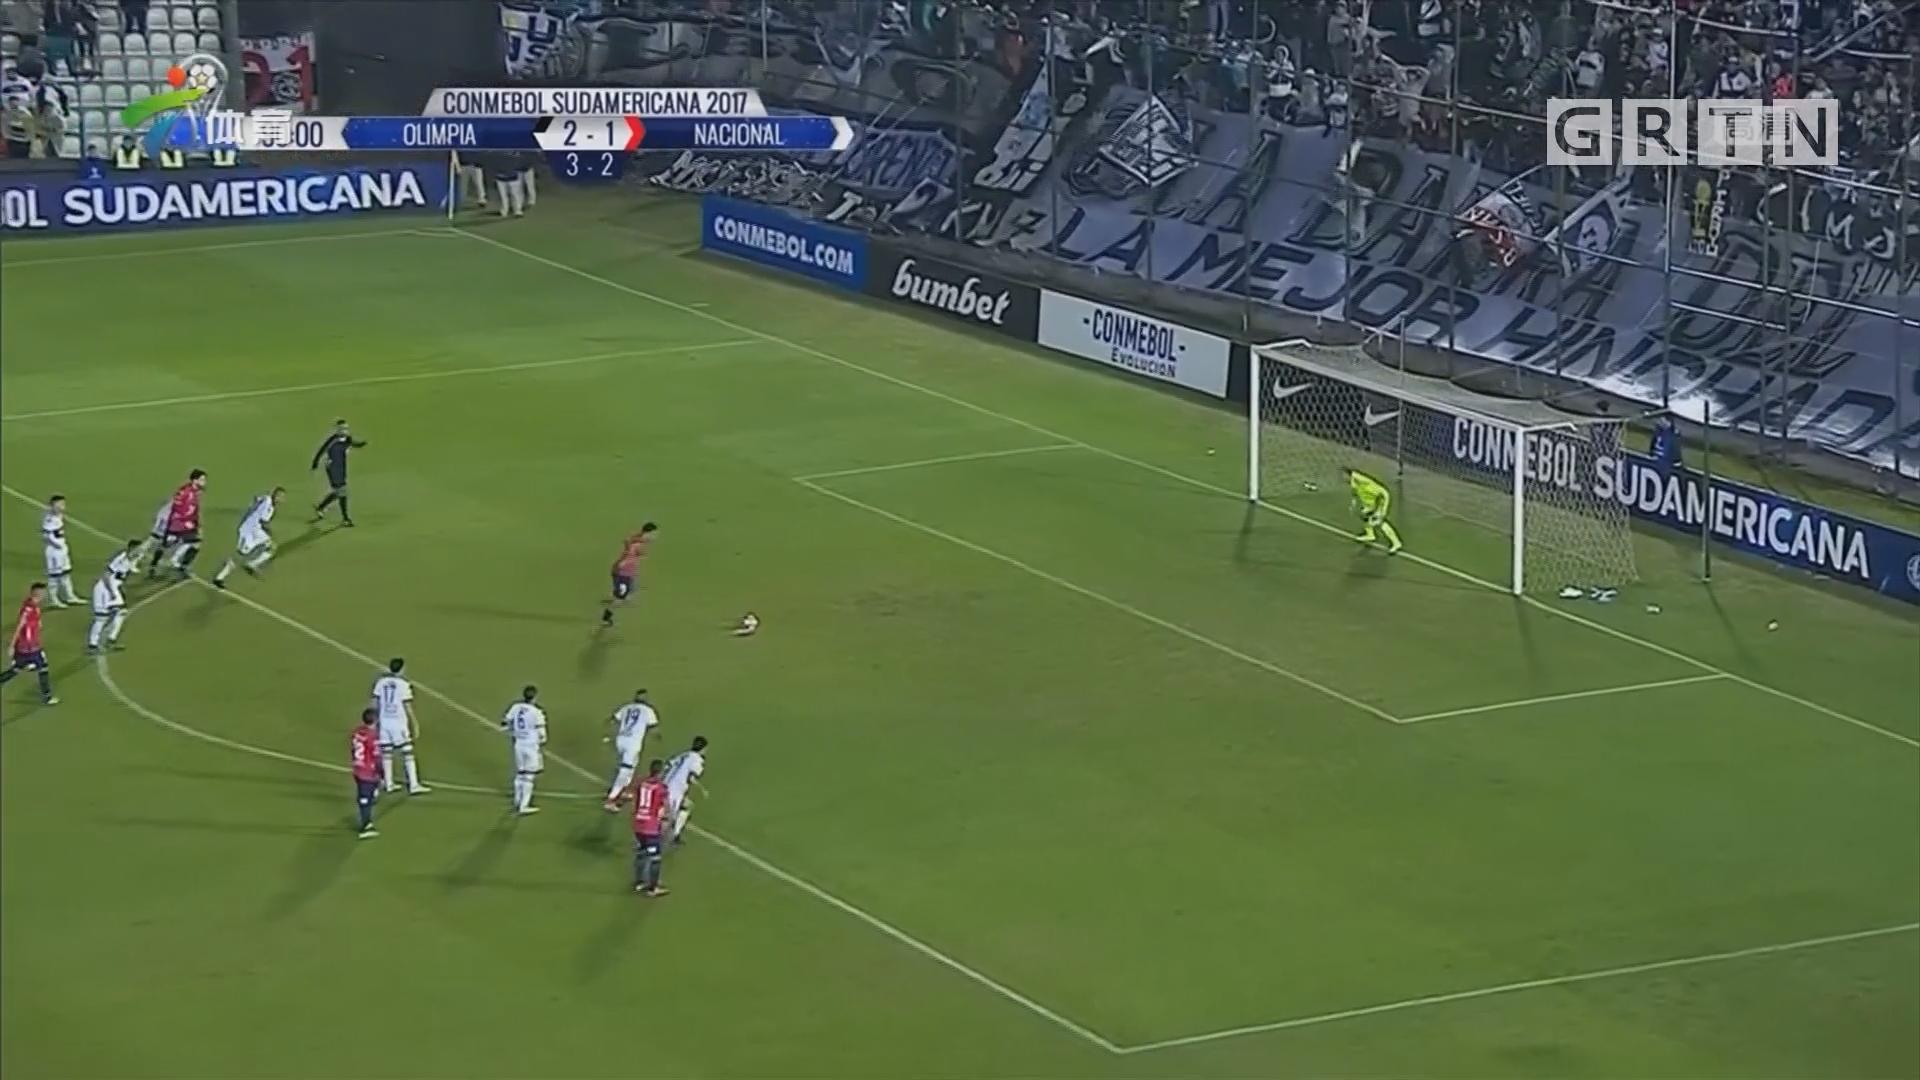 巴拉圭德比 国民惊险取胜晋级